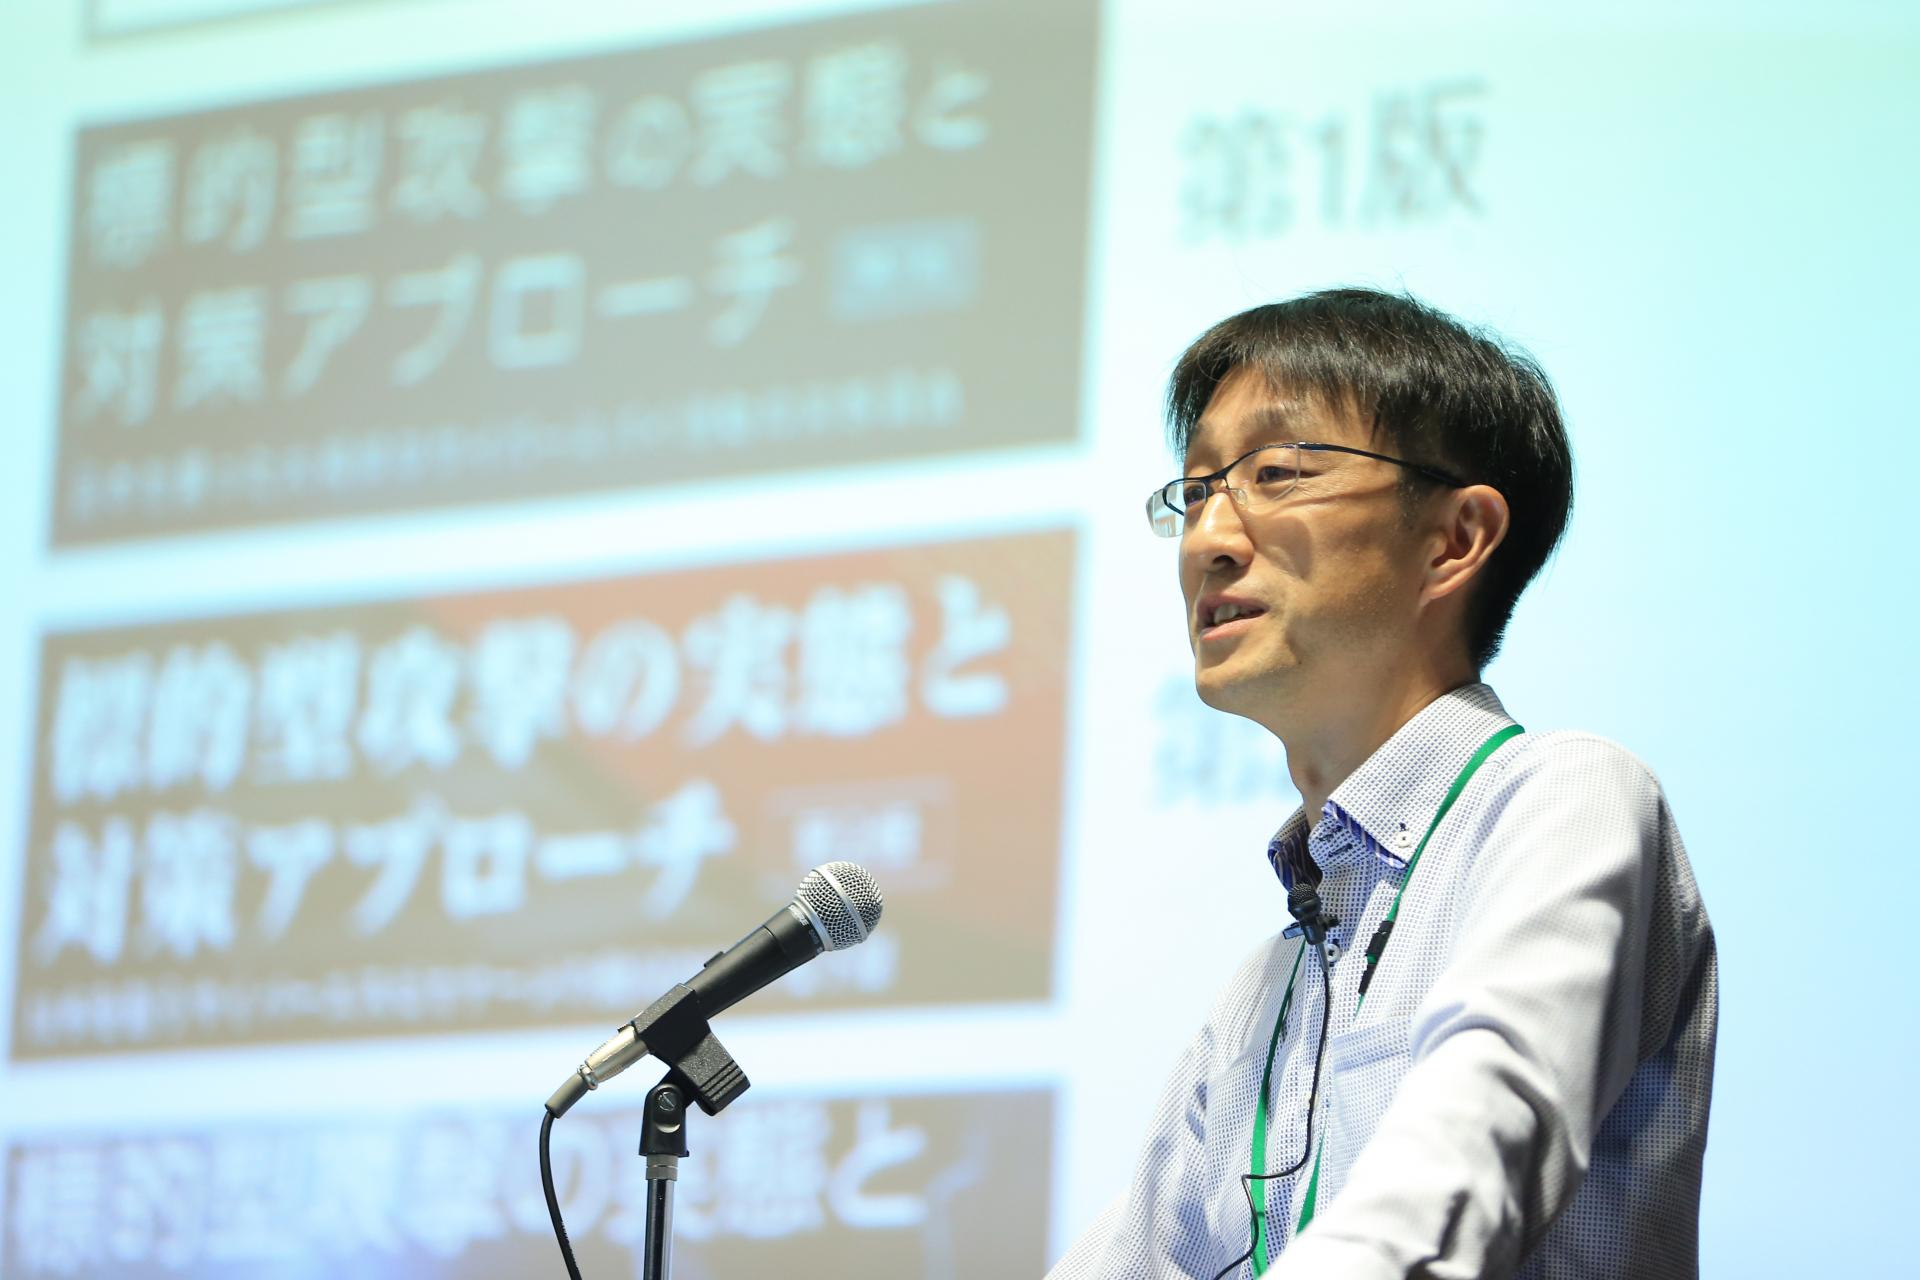 第2回サイバーセキュリティセミナー2019 日本を狙う標的型攻撃の実態